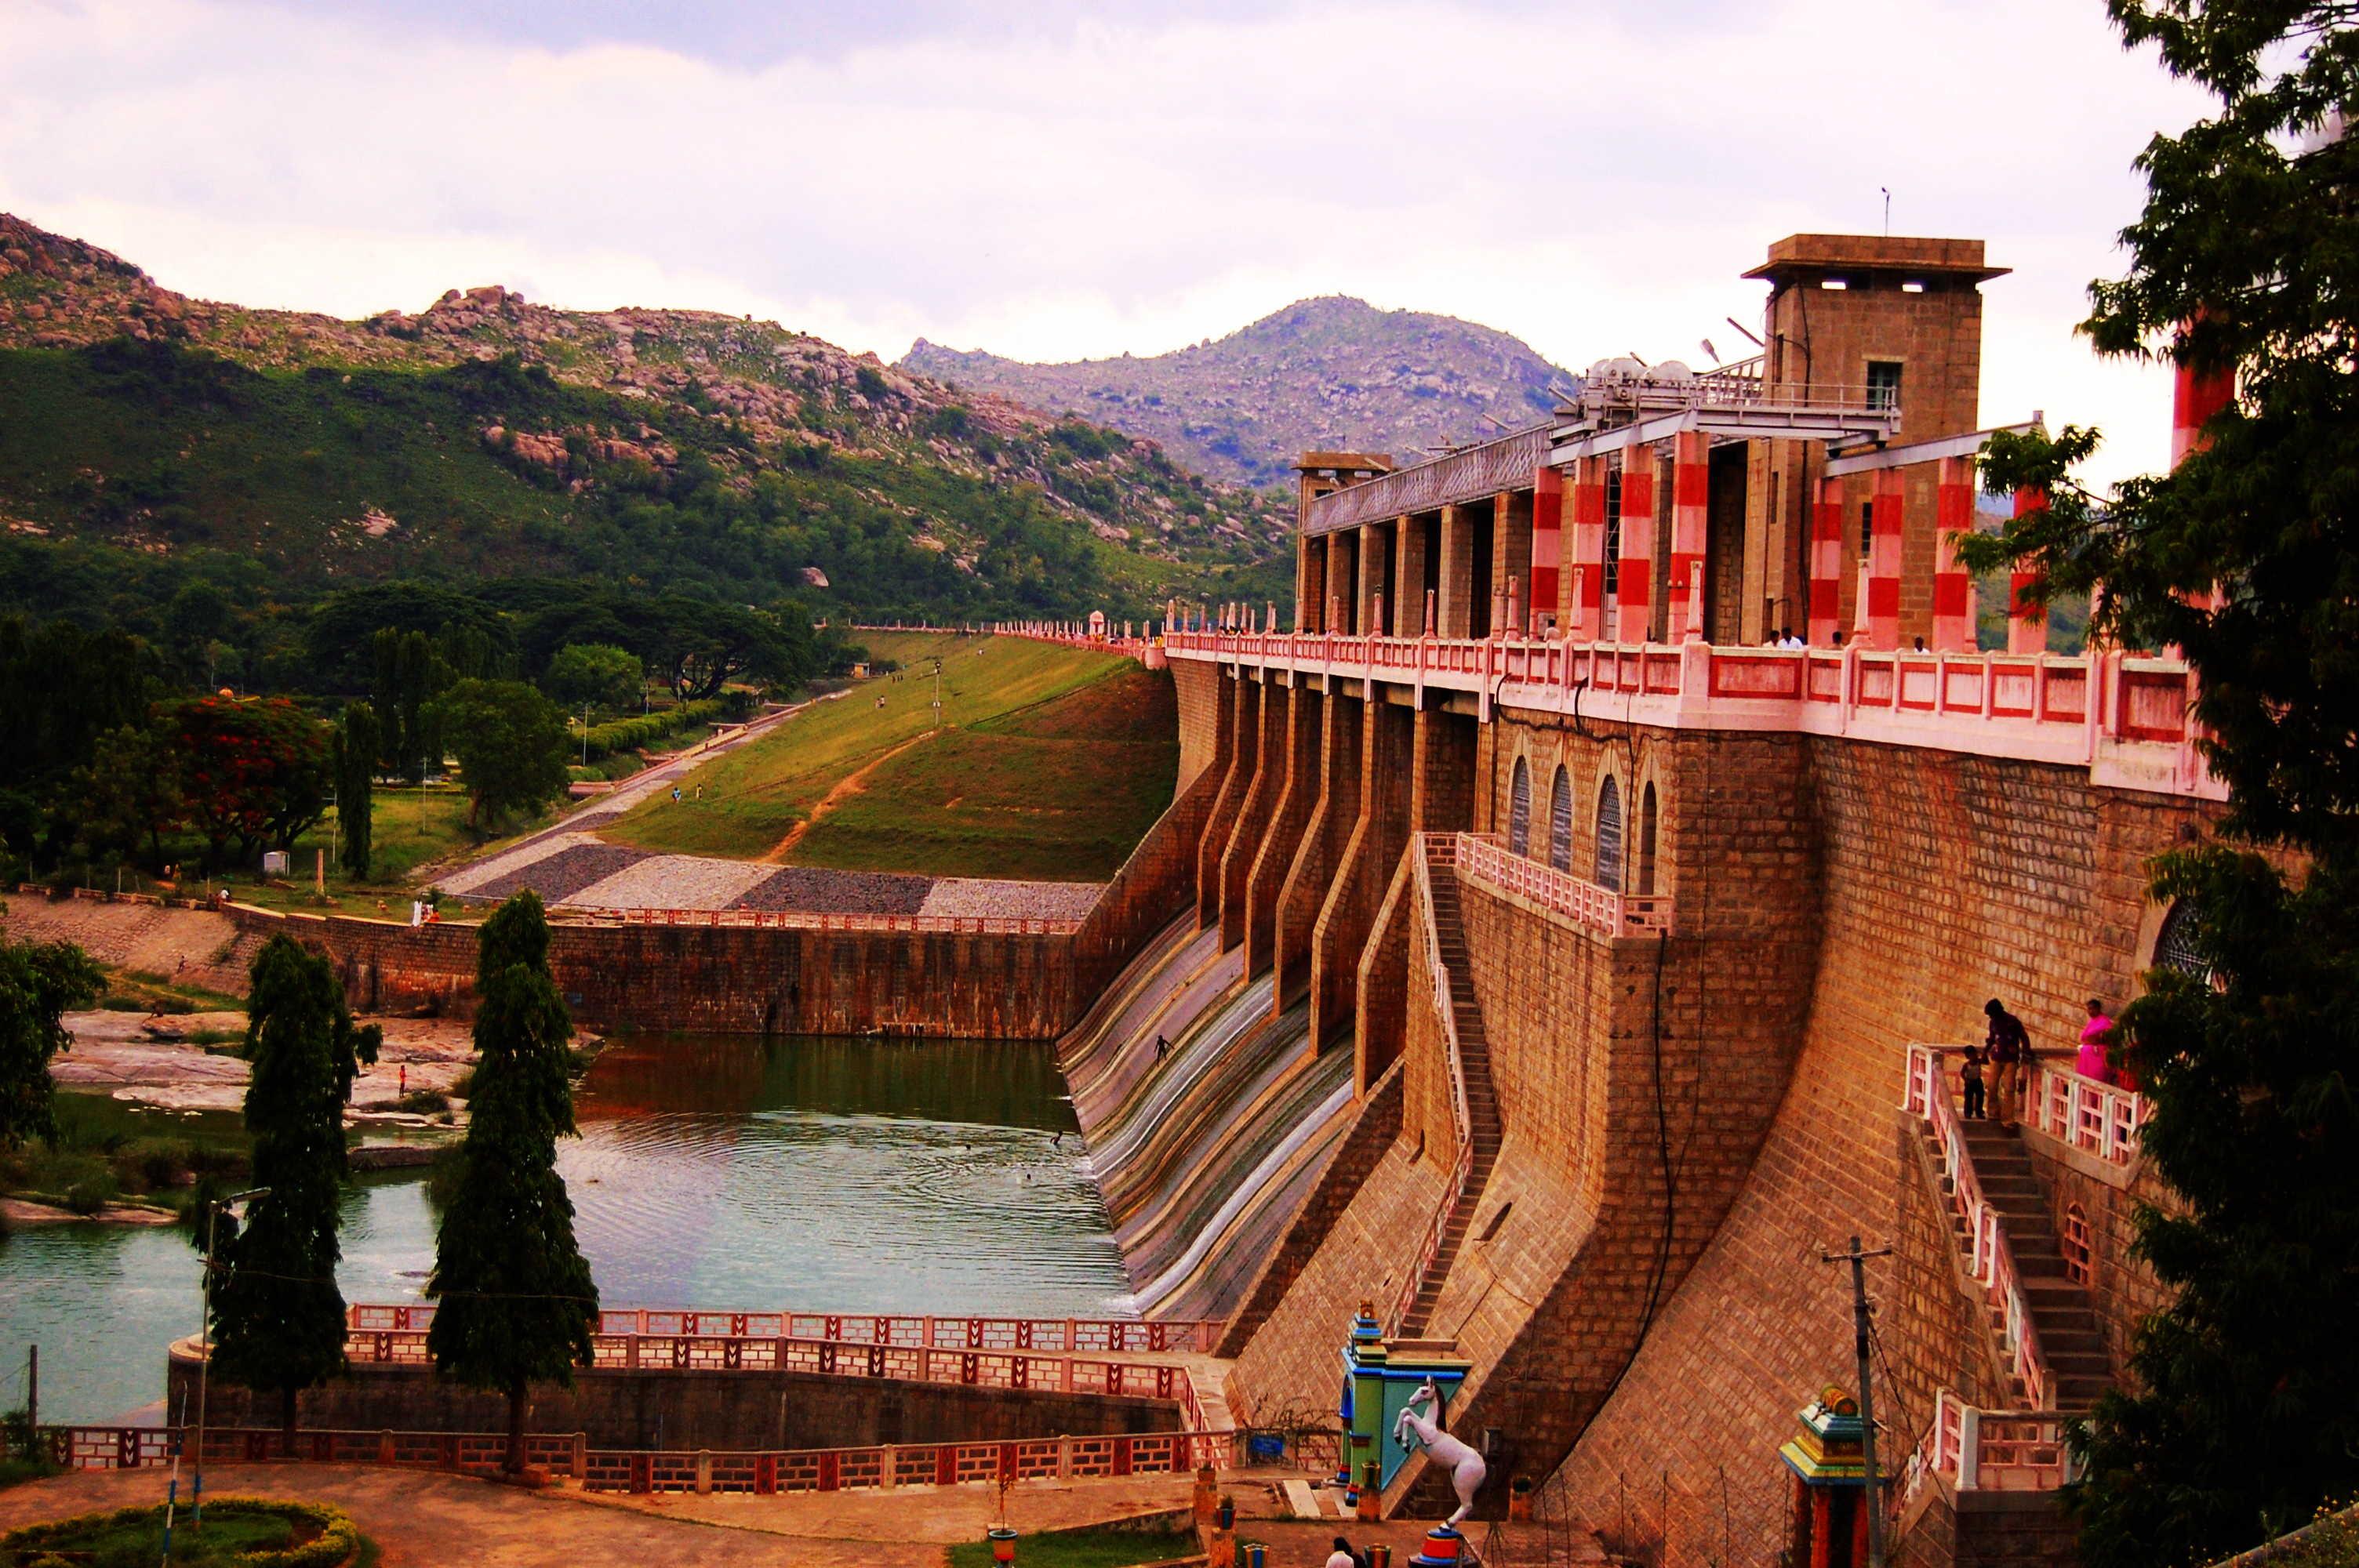 Krishnagiri Reservoir Project (Krp) Dam